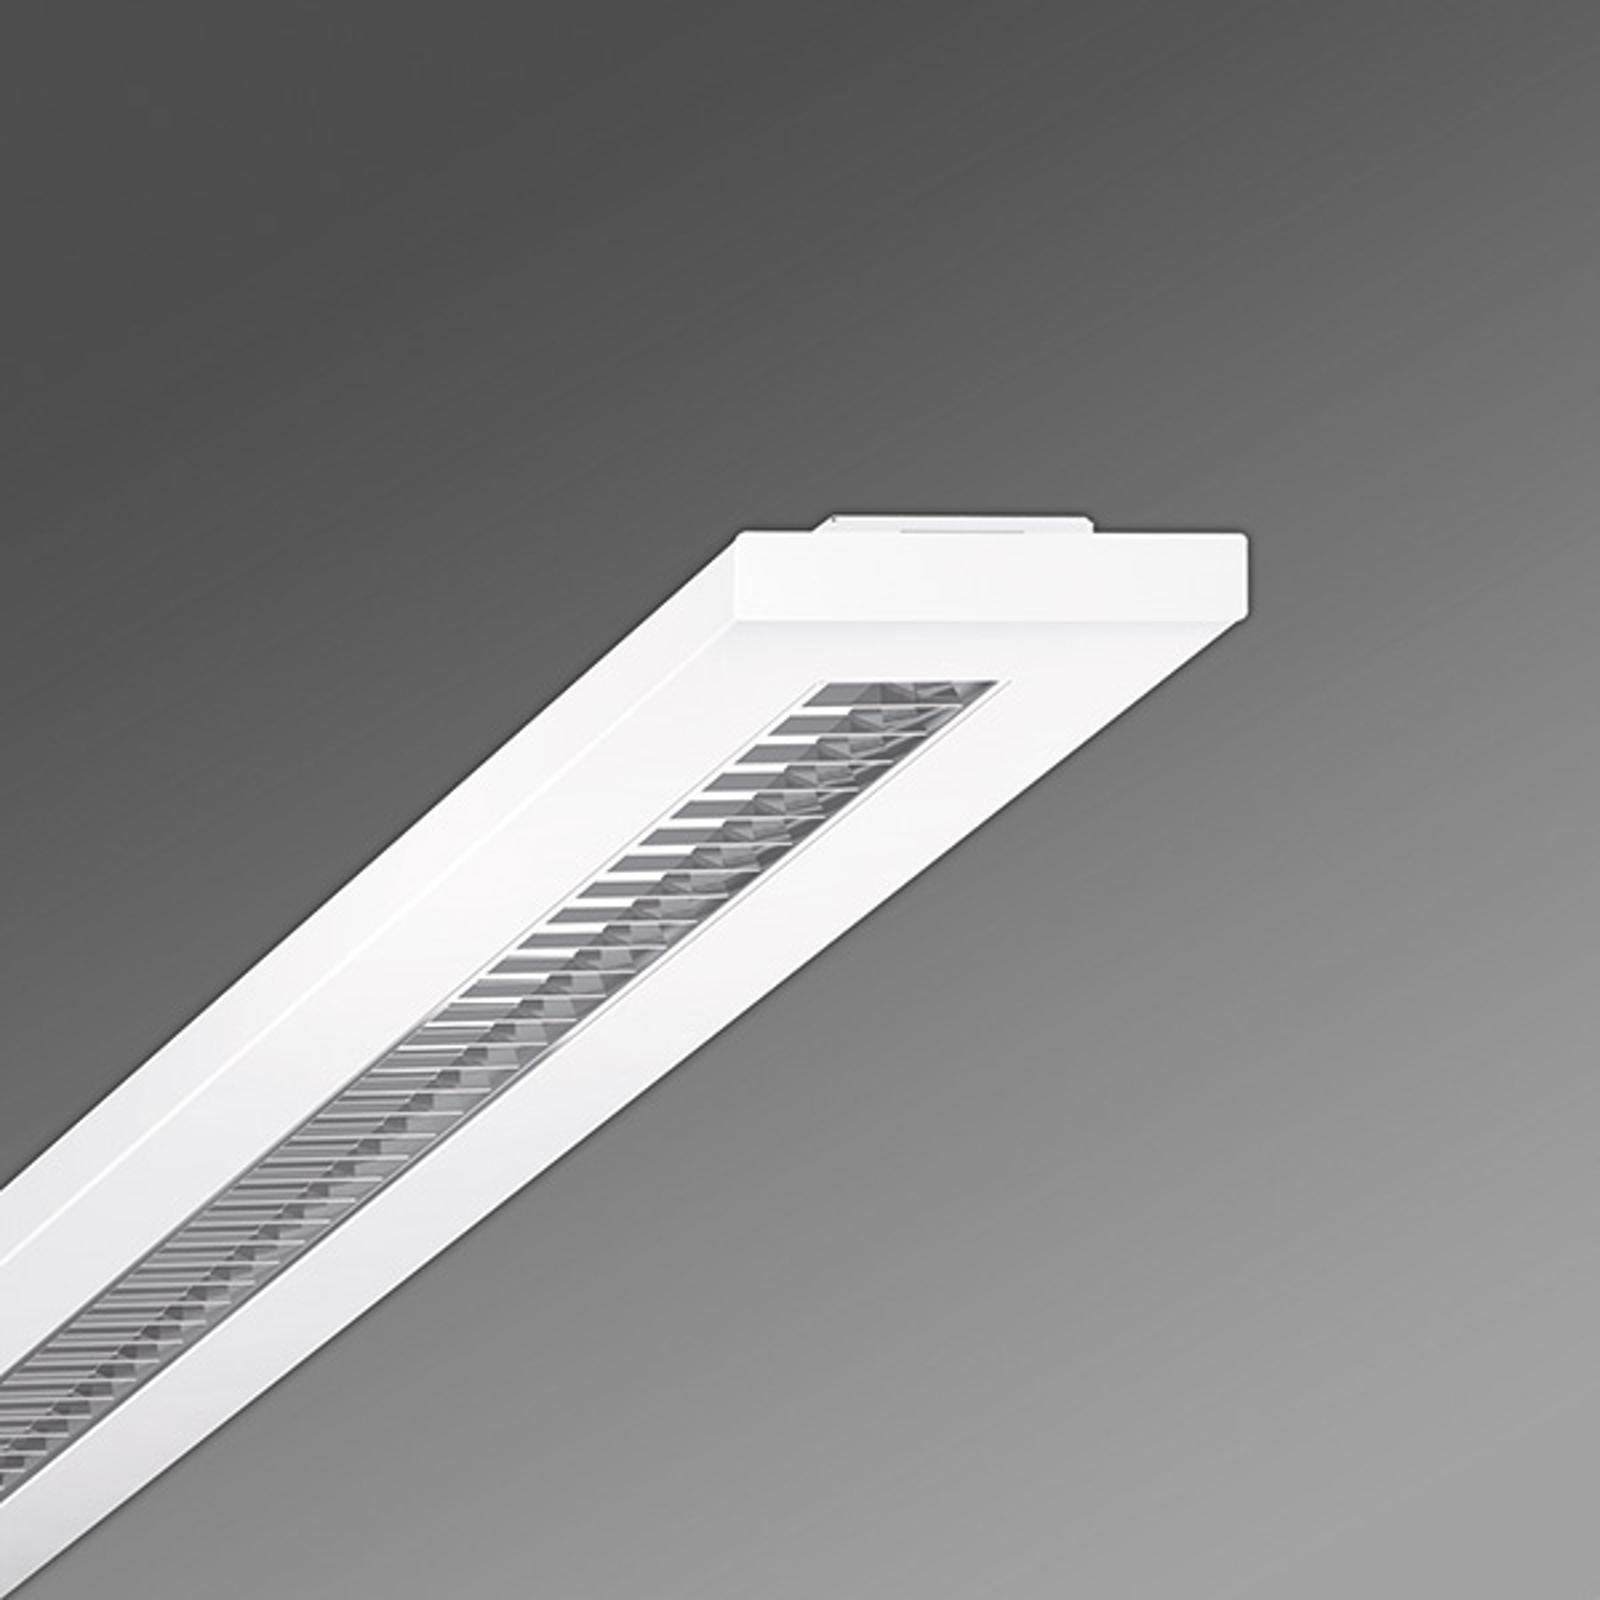 LED-rasterlampe Stail SAX parabolraster 1200-1